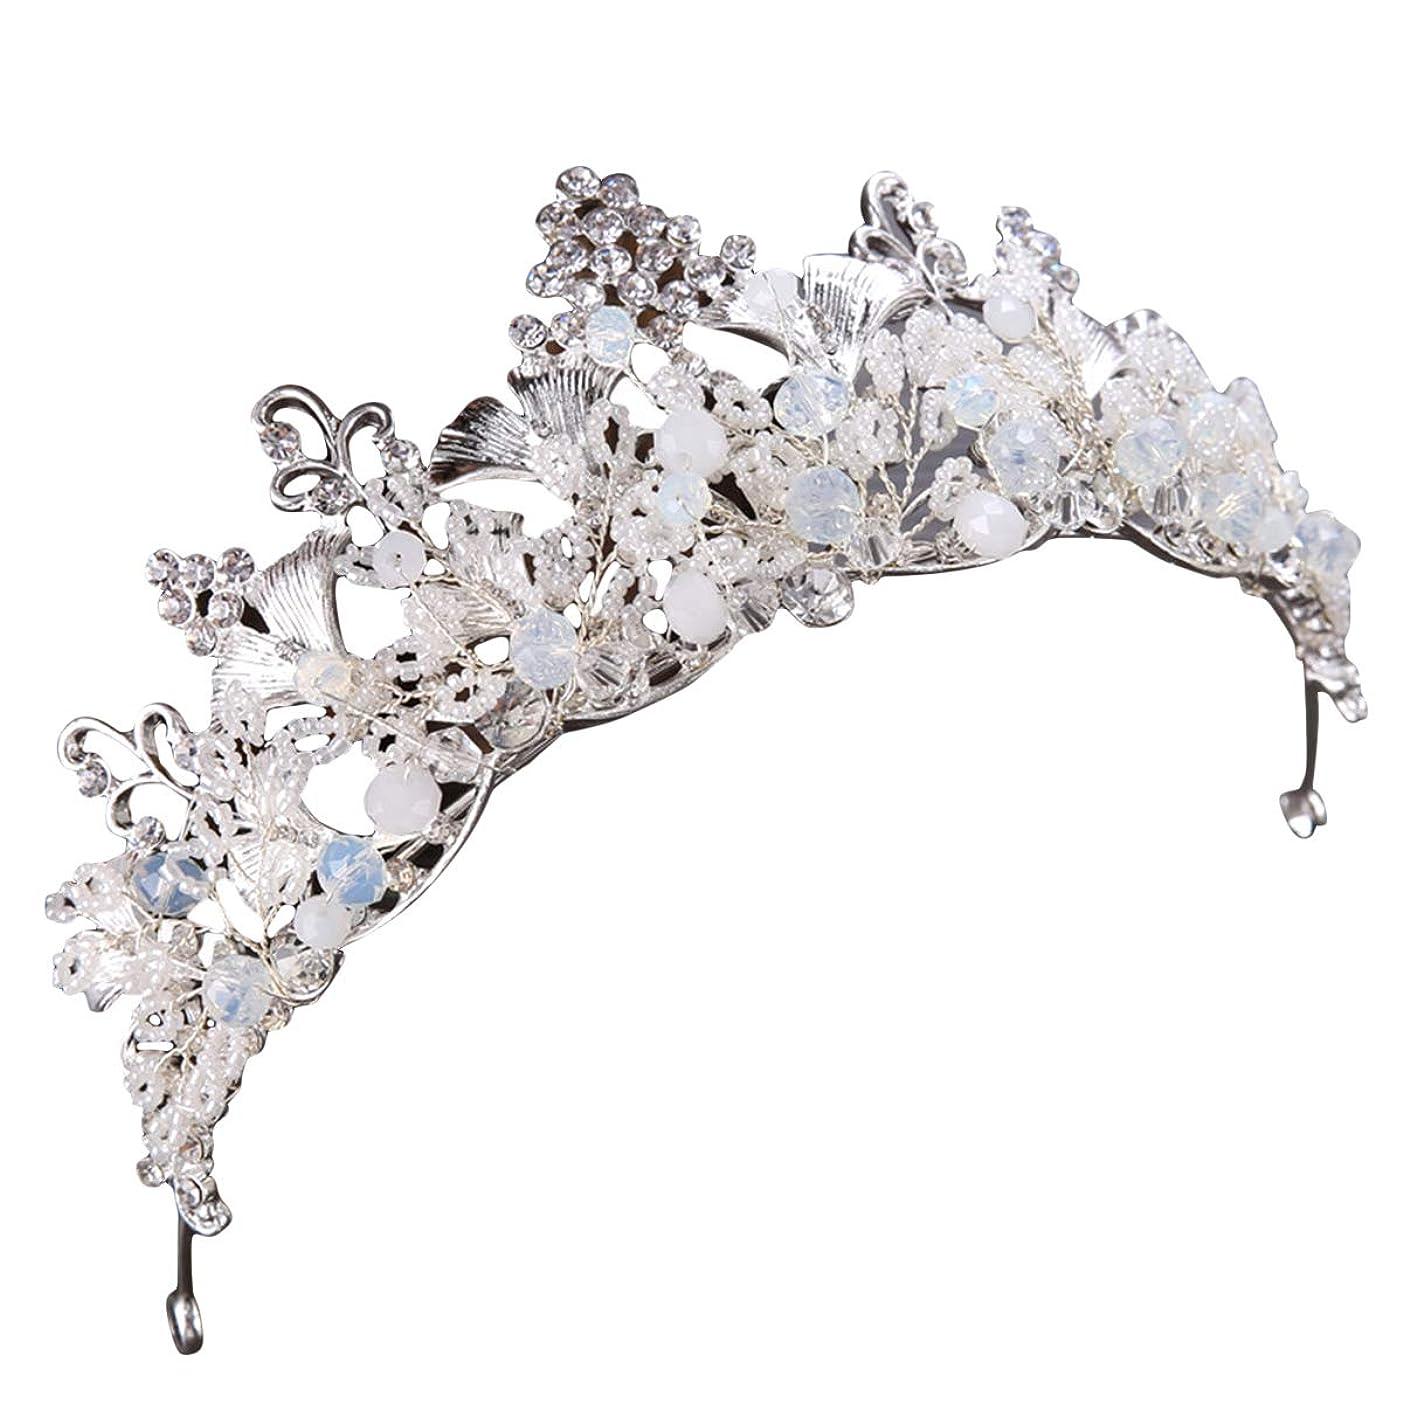 不快理論心理的Lurrose 結婚式のためのレトロな王冠の花嫁の手工芸品のラインストーンの王冠の宝石類のヘアアクセサリー